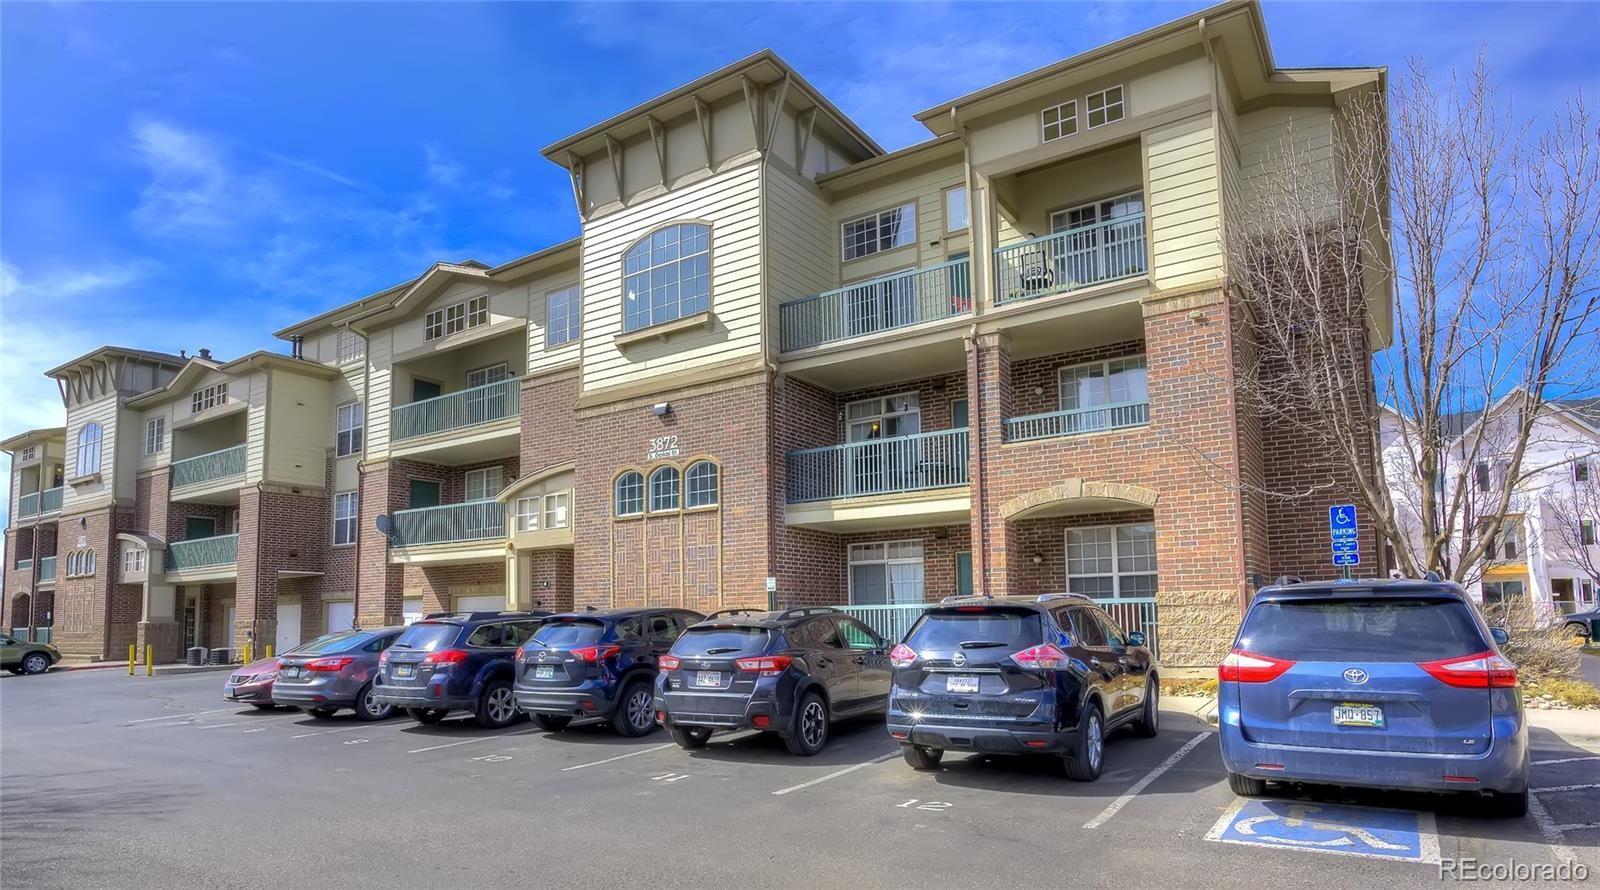 3872 S Dallas Street #7-202, Aurora, CO 80014 - #: 6183342